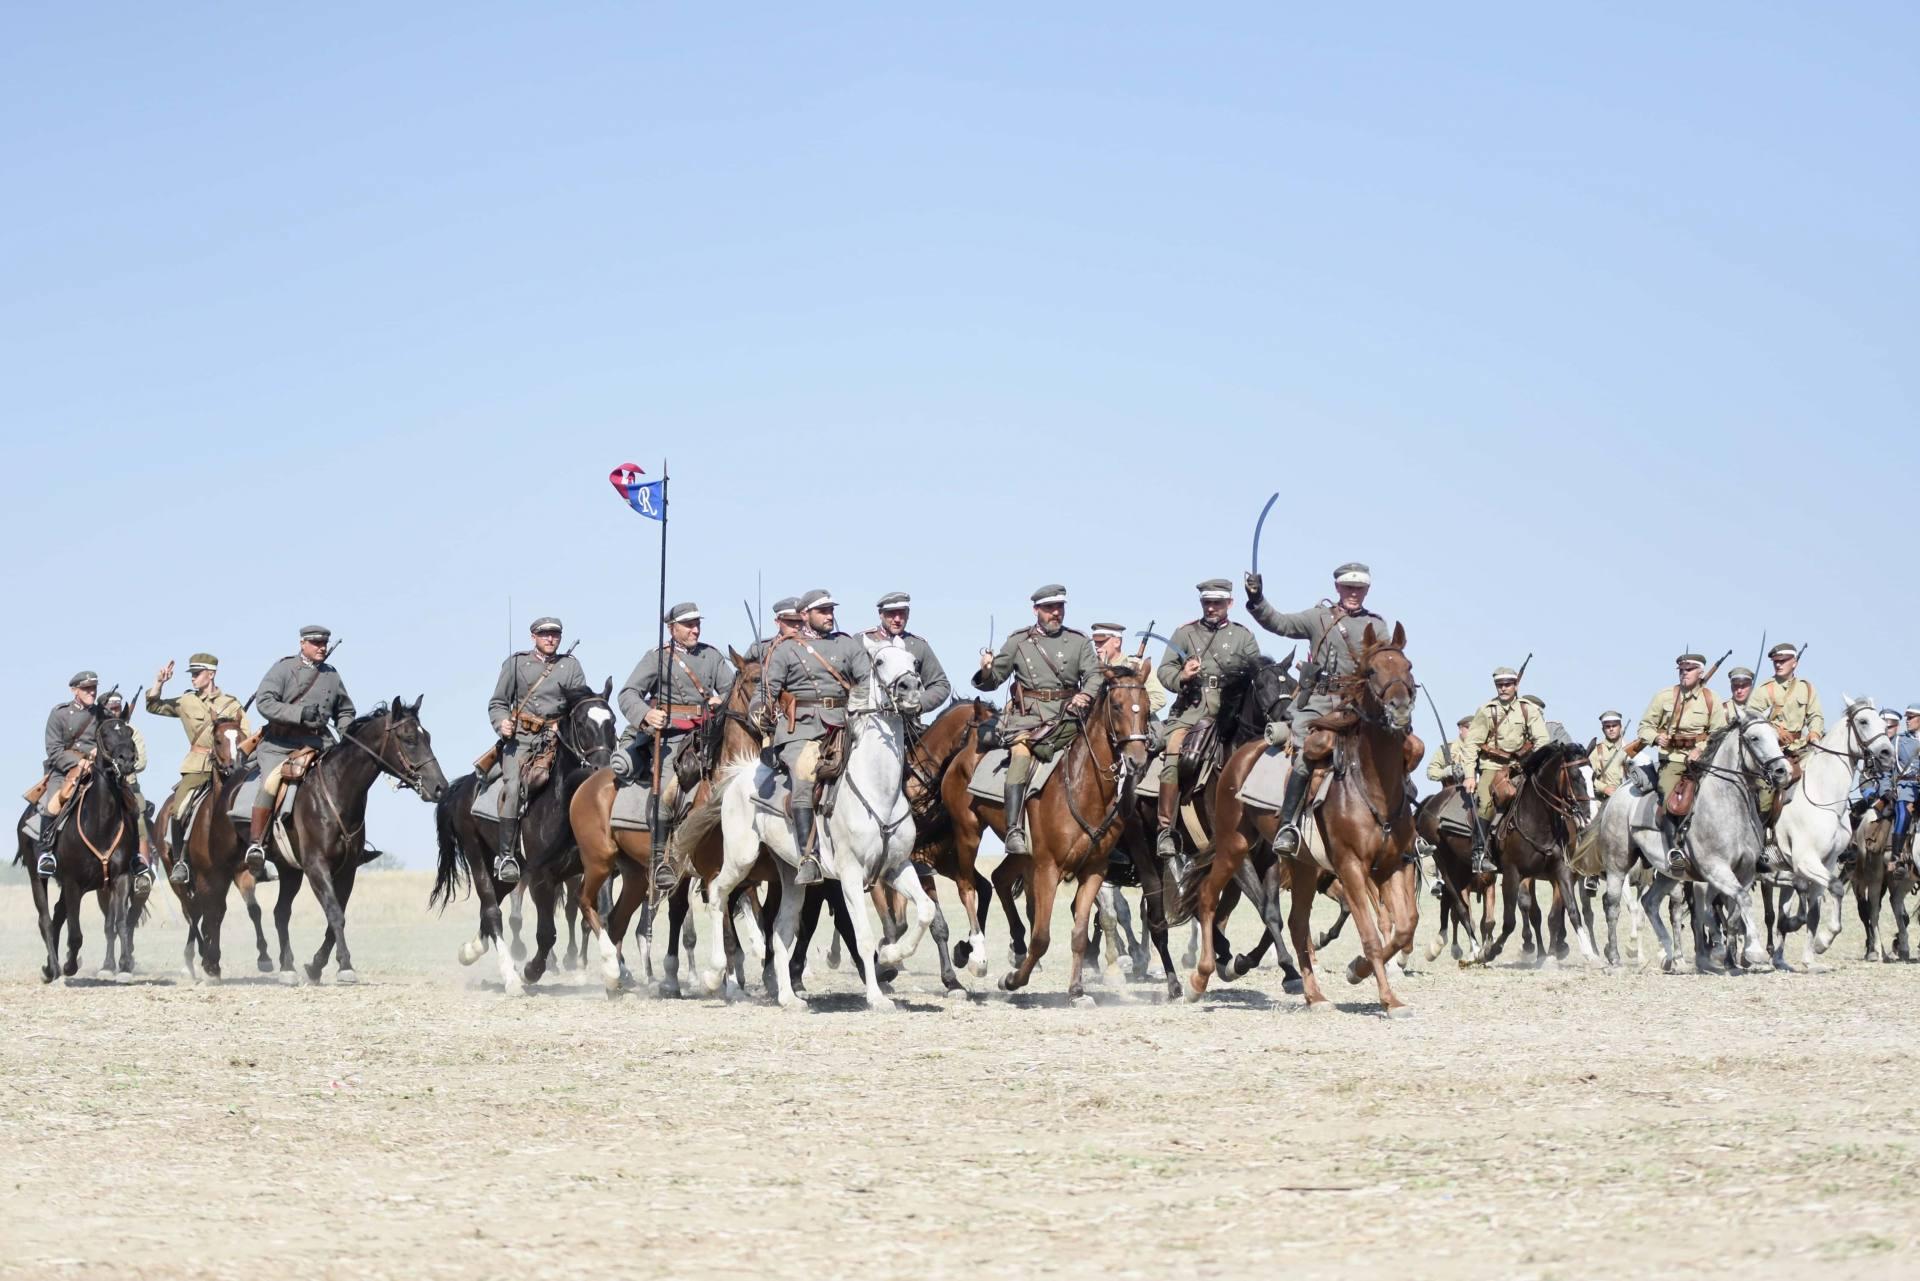 dsc 0970 Czas szabli - 100 rocznica bitwy pod Komarowem(zdjęcia)